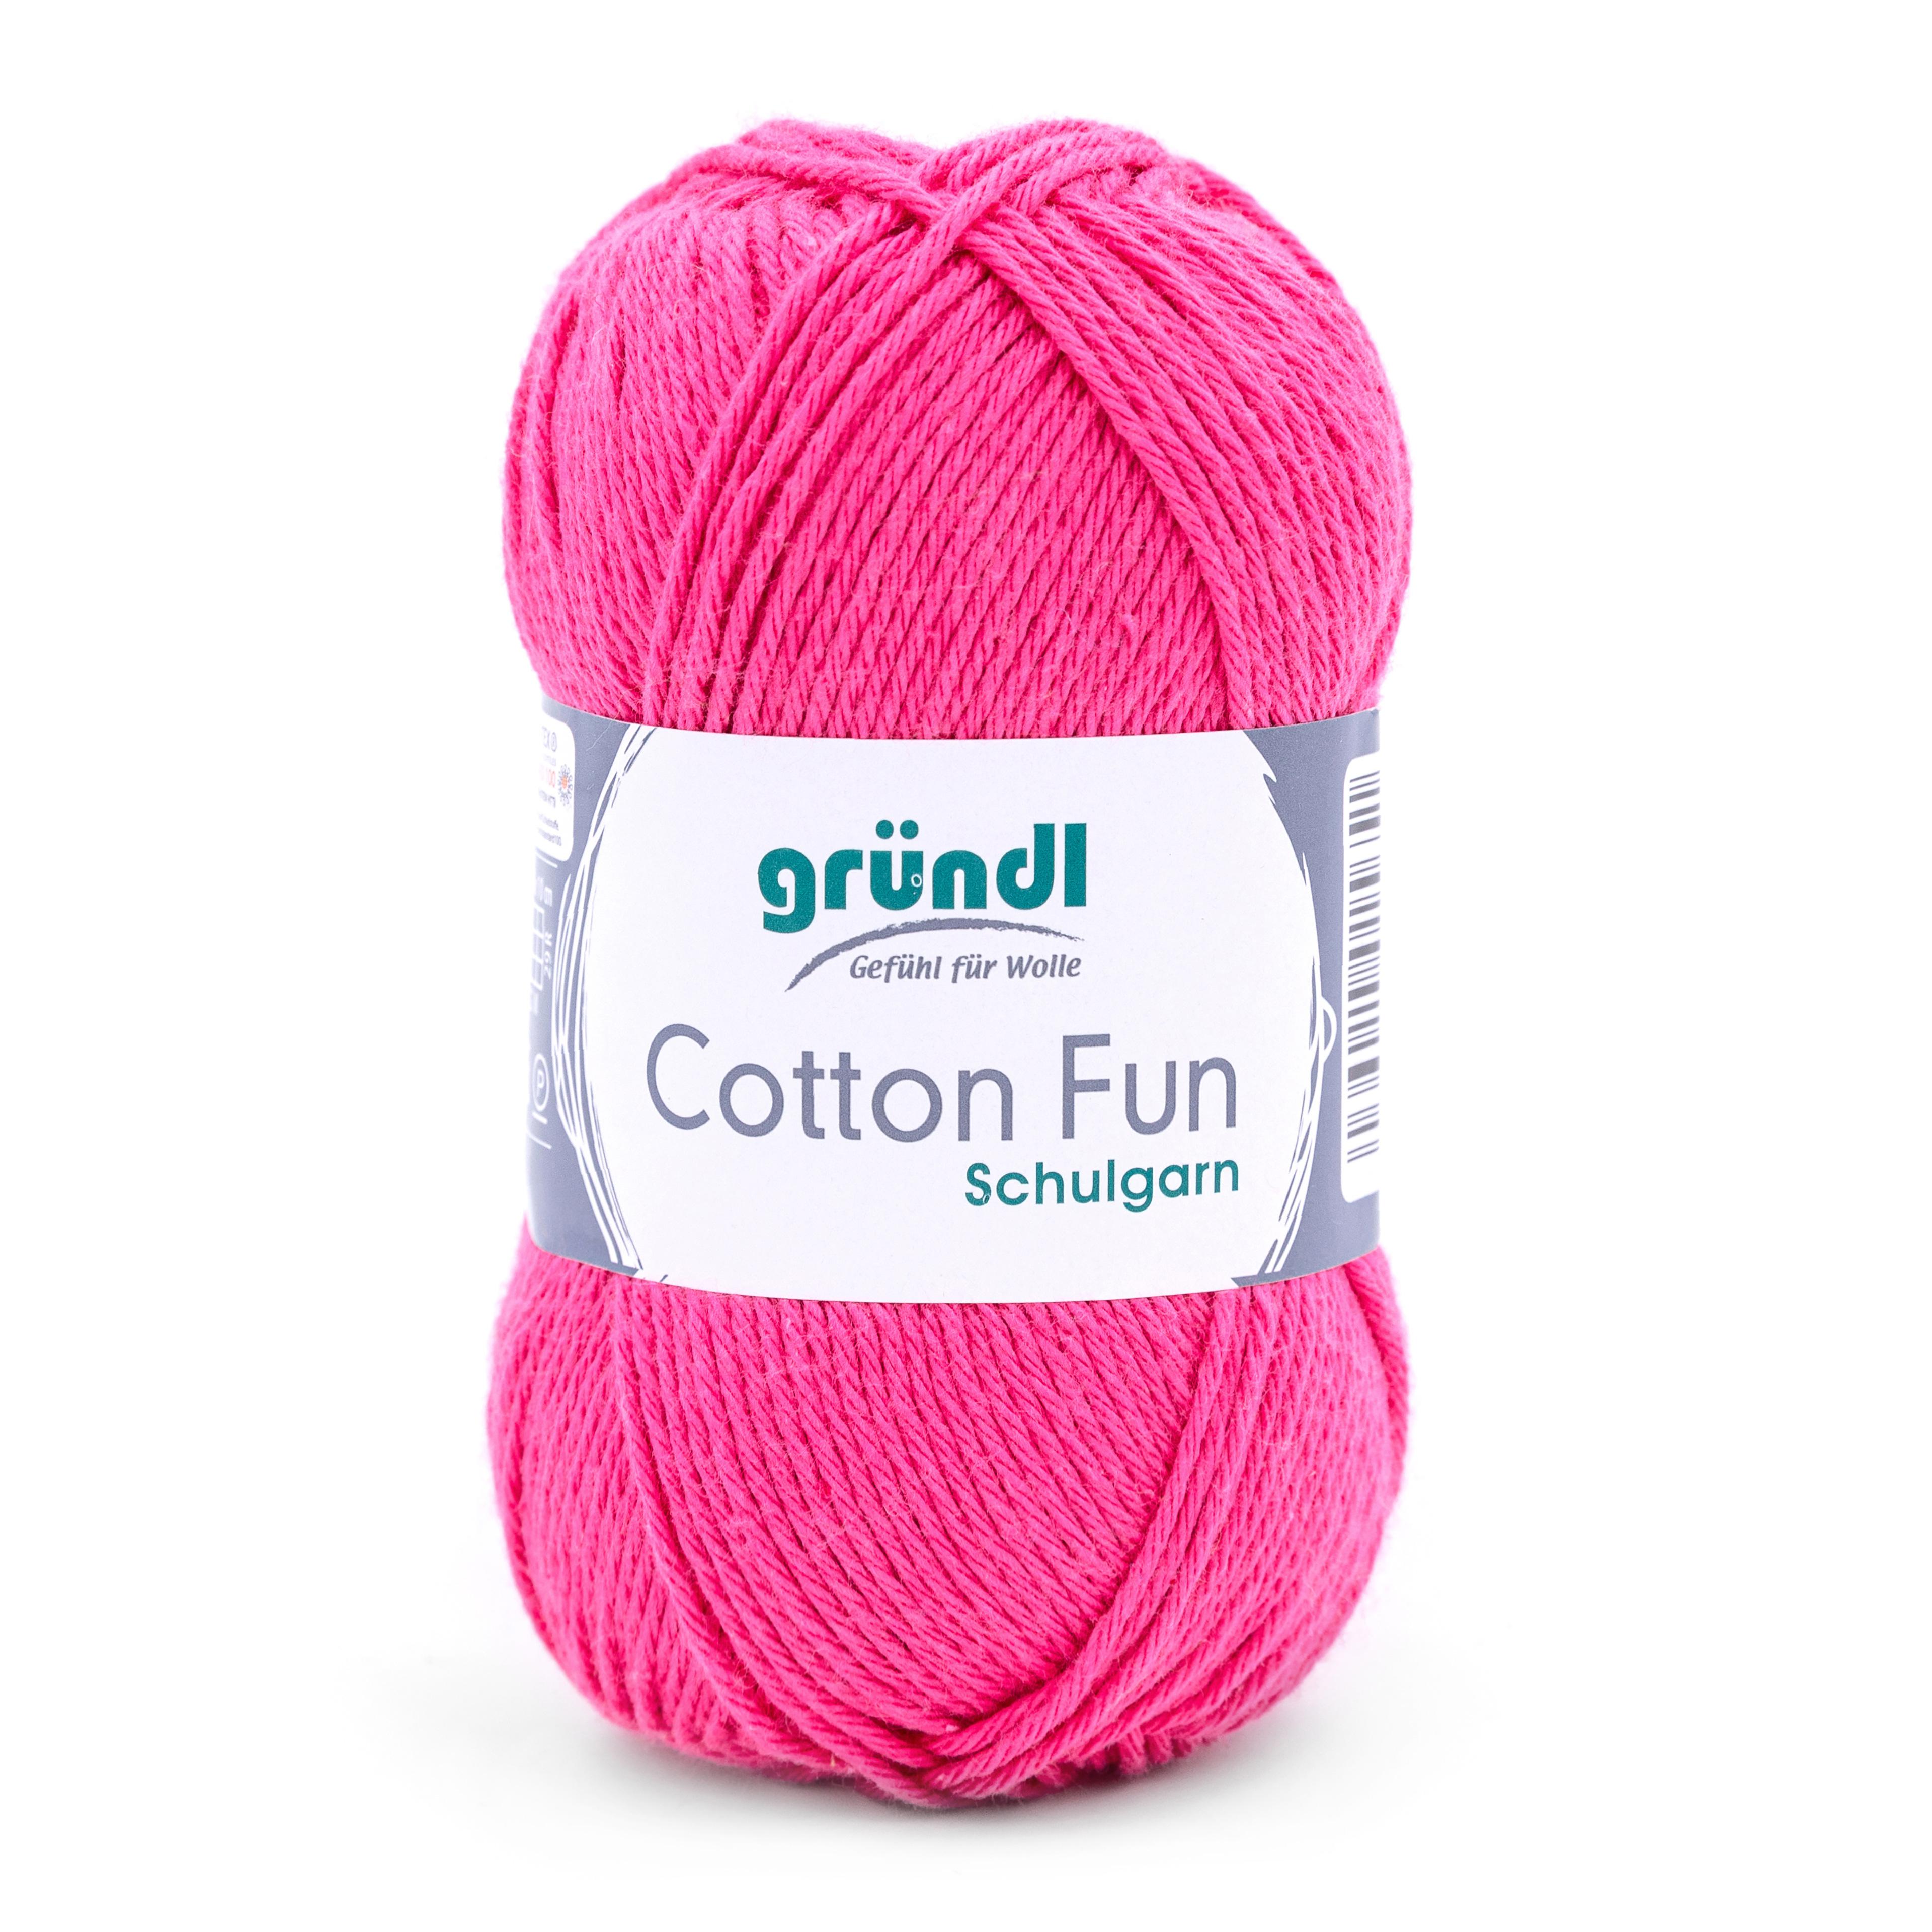 10% Rabatt im Gründl Onlineshop auf Wolle, Garne, Jerseystoffe und Handarbeitsbedarf